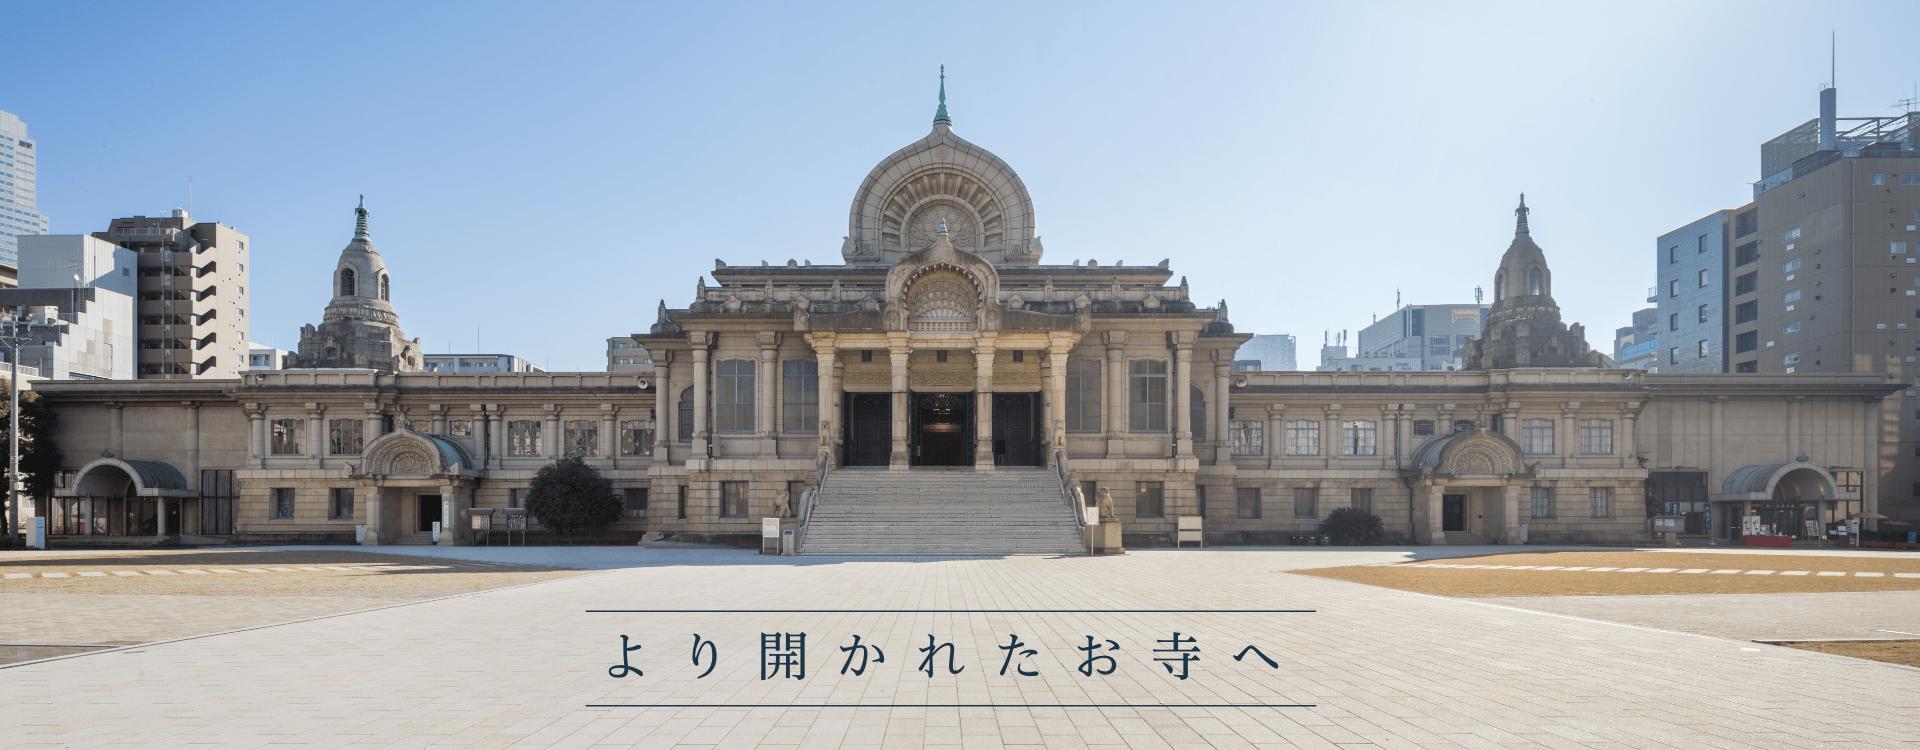 国の重要文化財・築地本願寺にて、 車いすユーザーがユニバーサルデザインの調査を行います